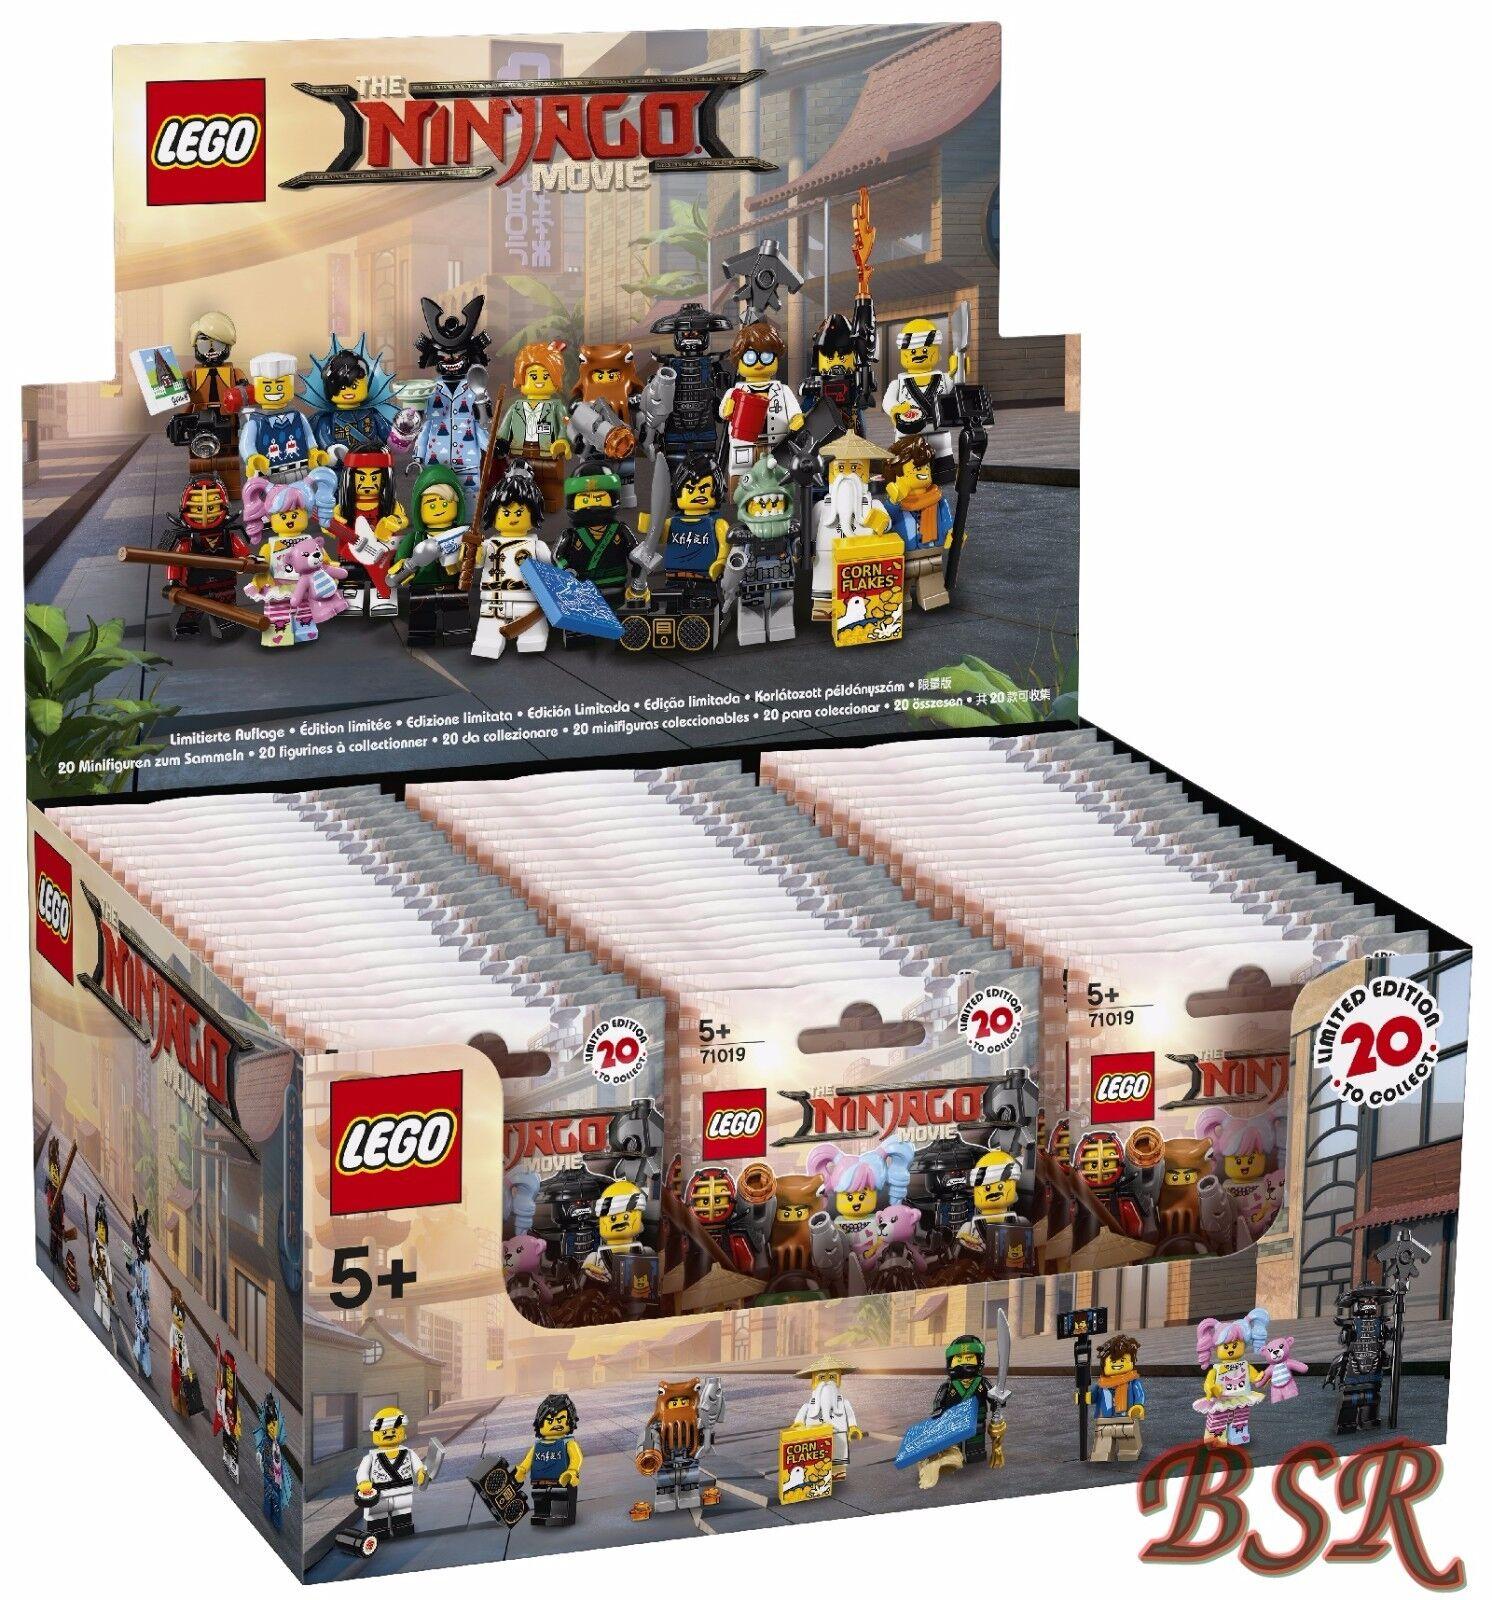 71019 The LEGO ® Ninjago Movie display SIGILLATO 60 personaggi NUOVO OVP 0.€ spedizione